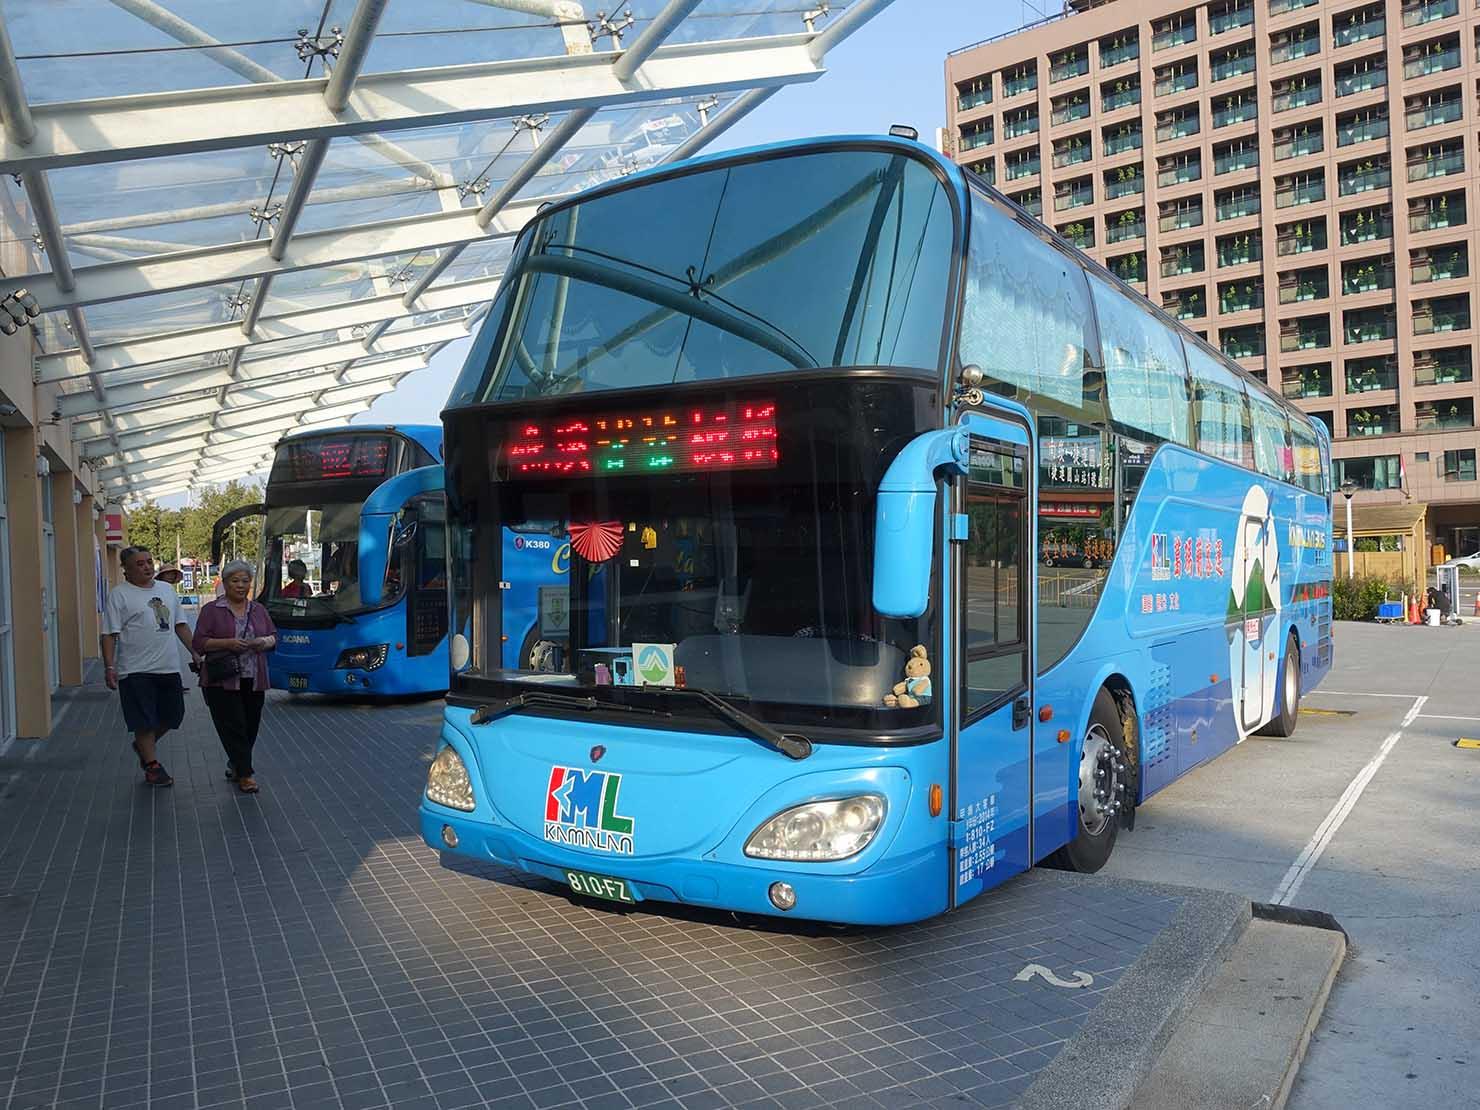 宜蘭・礁溪バスターミナルに並ぶ葛瑪蘭客運のバス